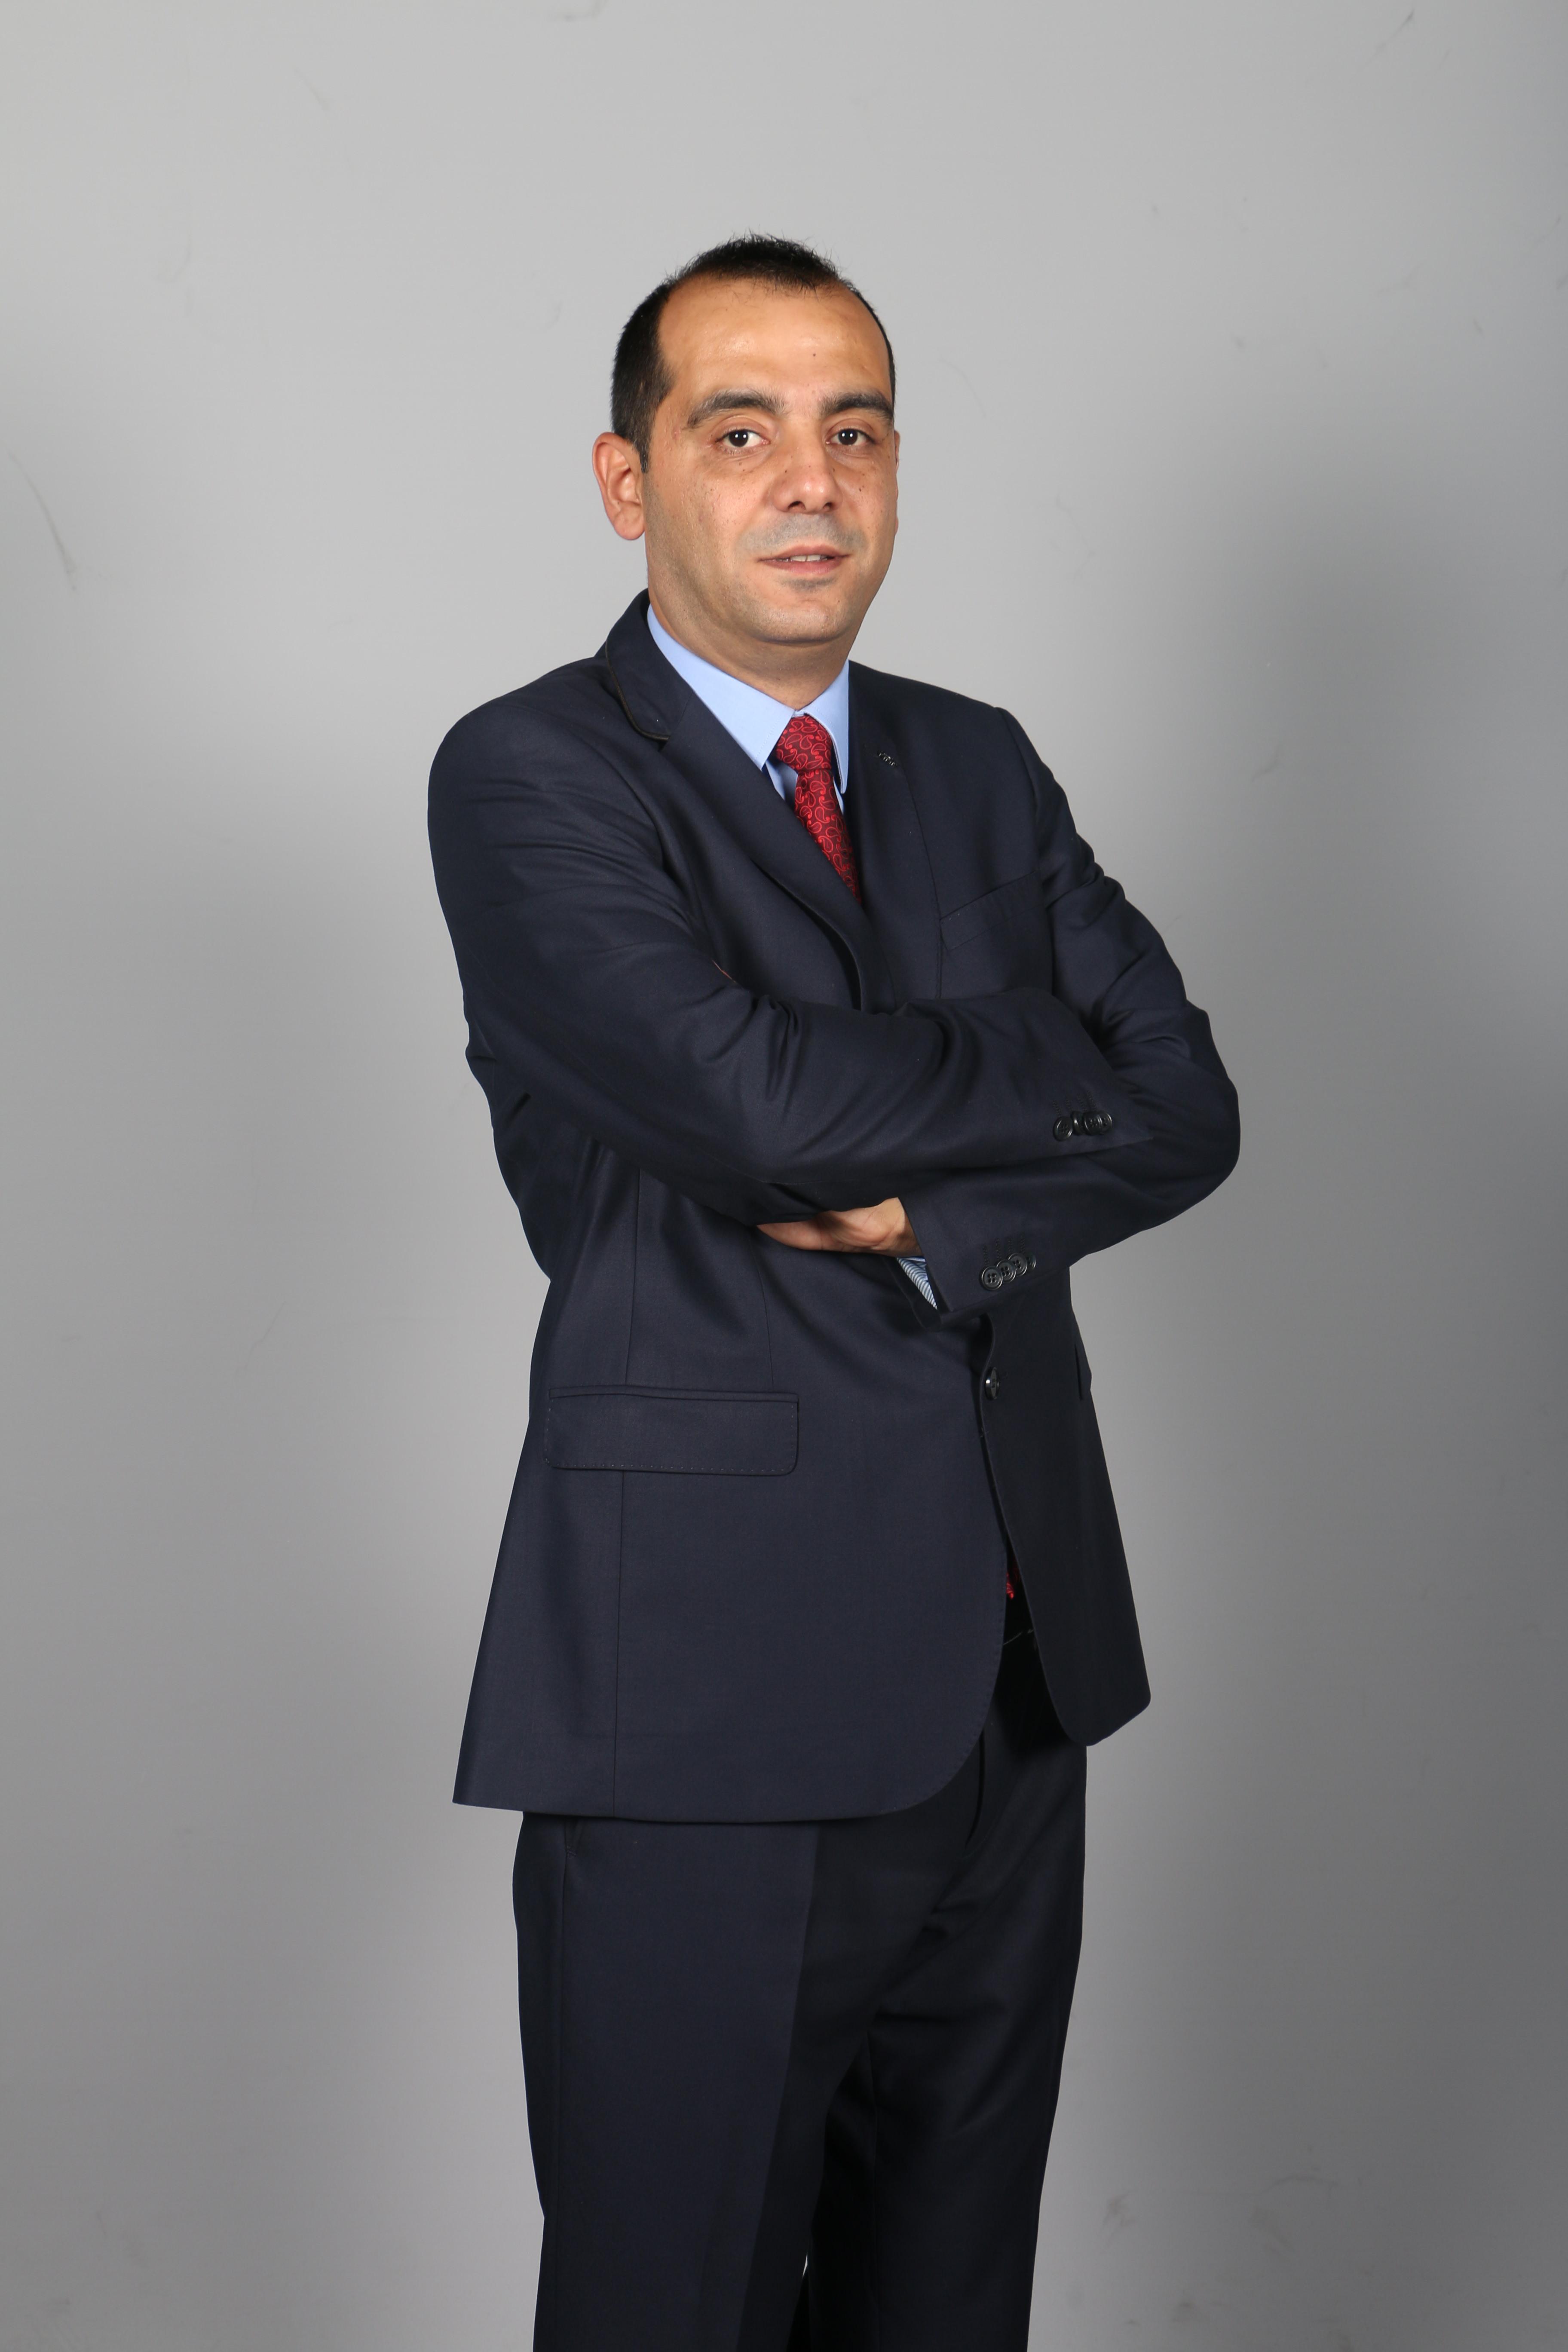 Mustafa Taha Dağlı